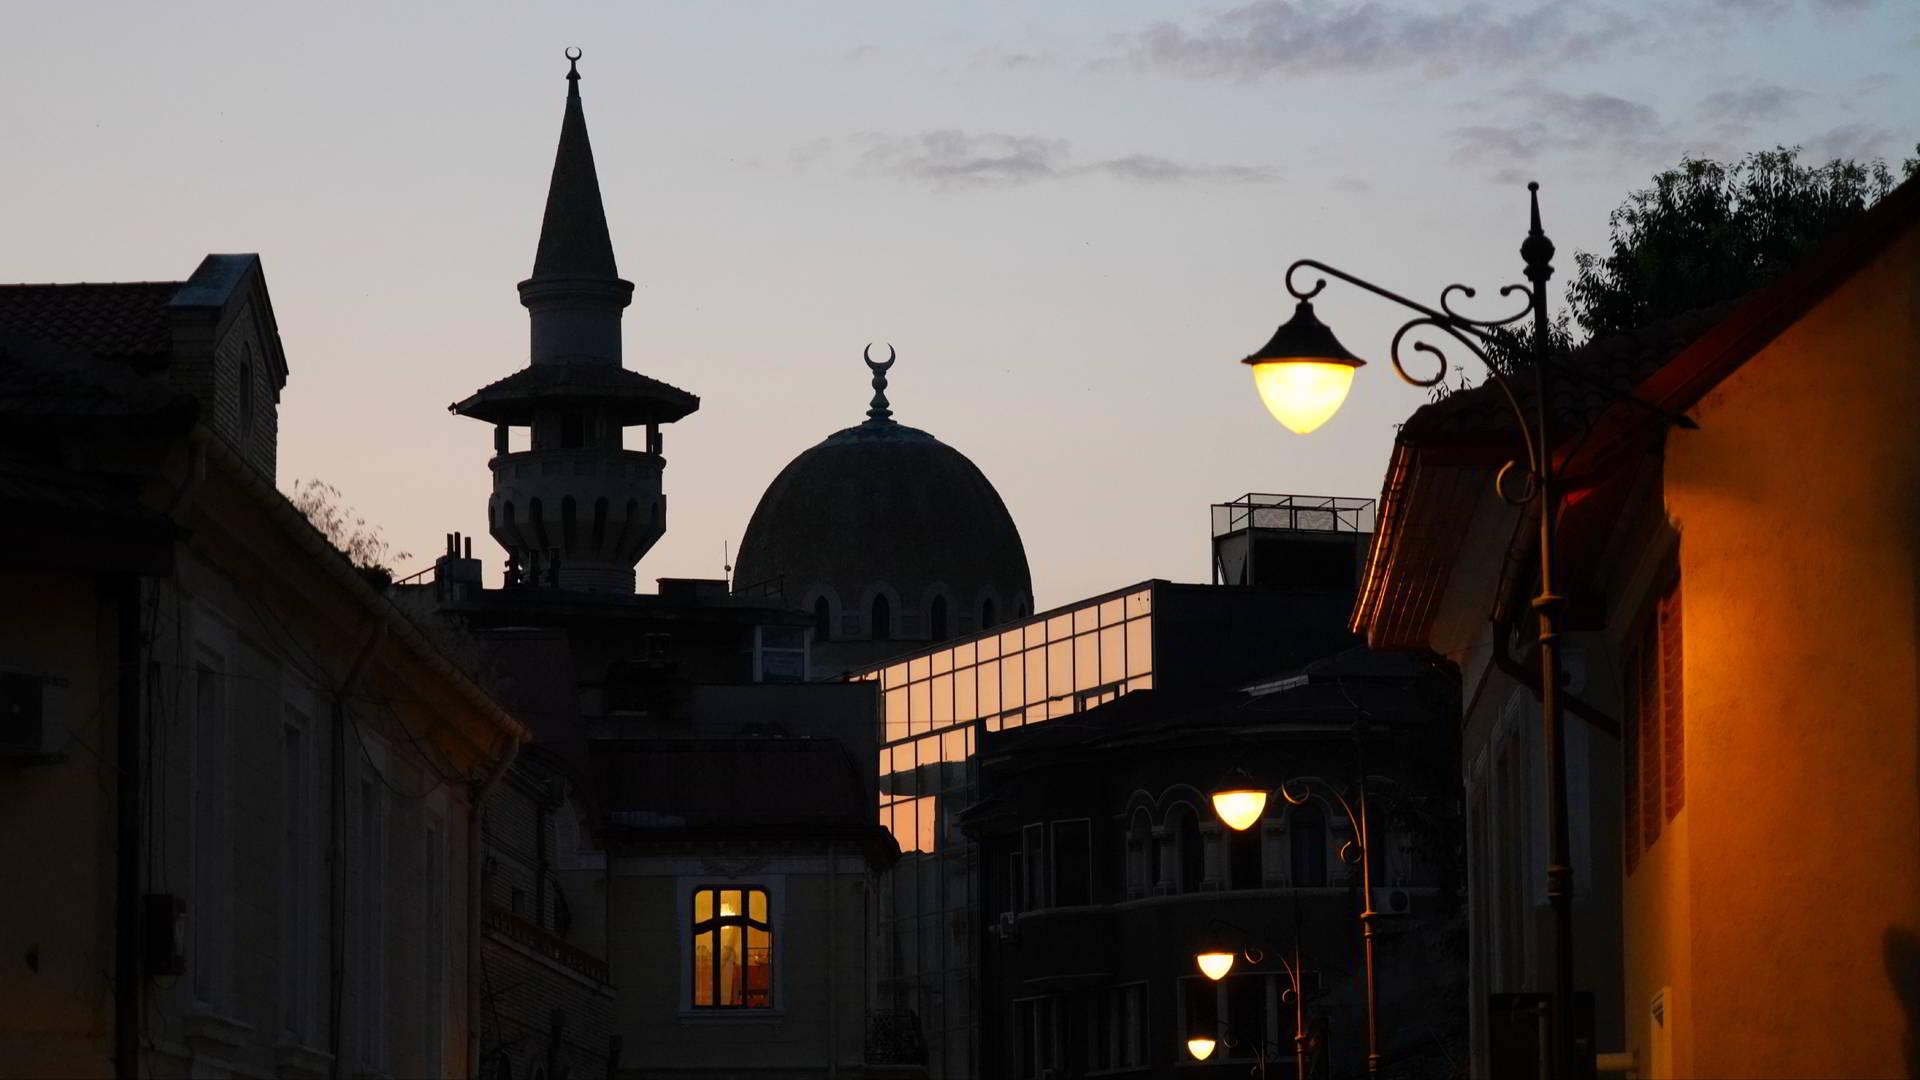 Geamiile monument istoric din Dobrogea și poveștile lor